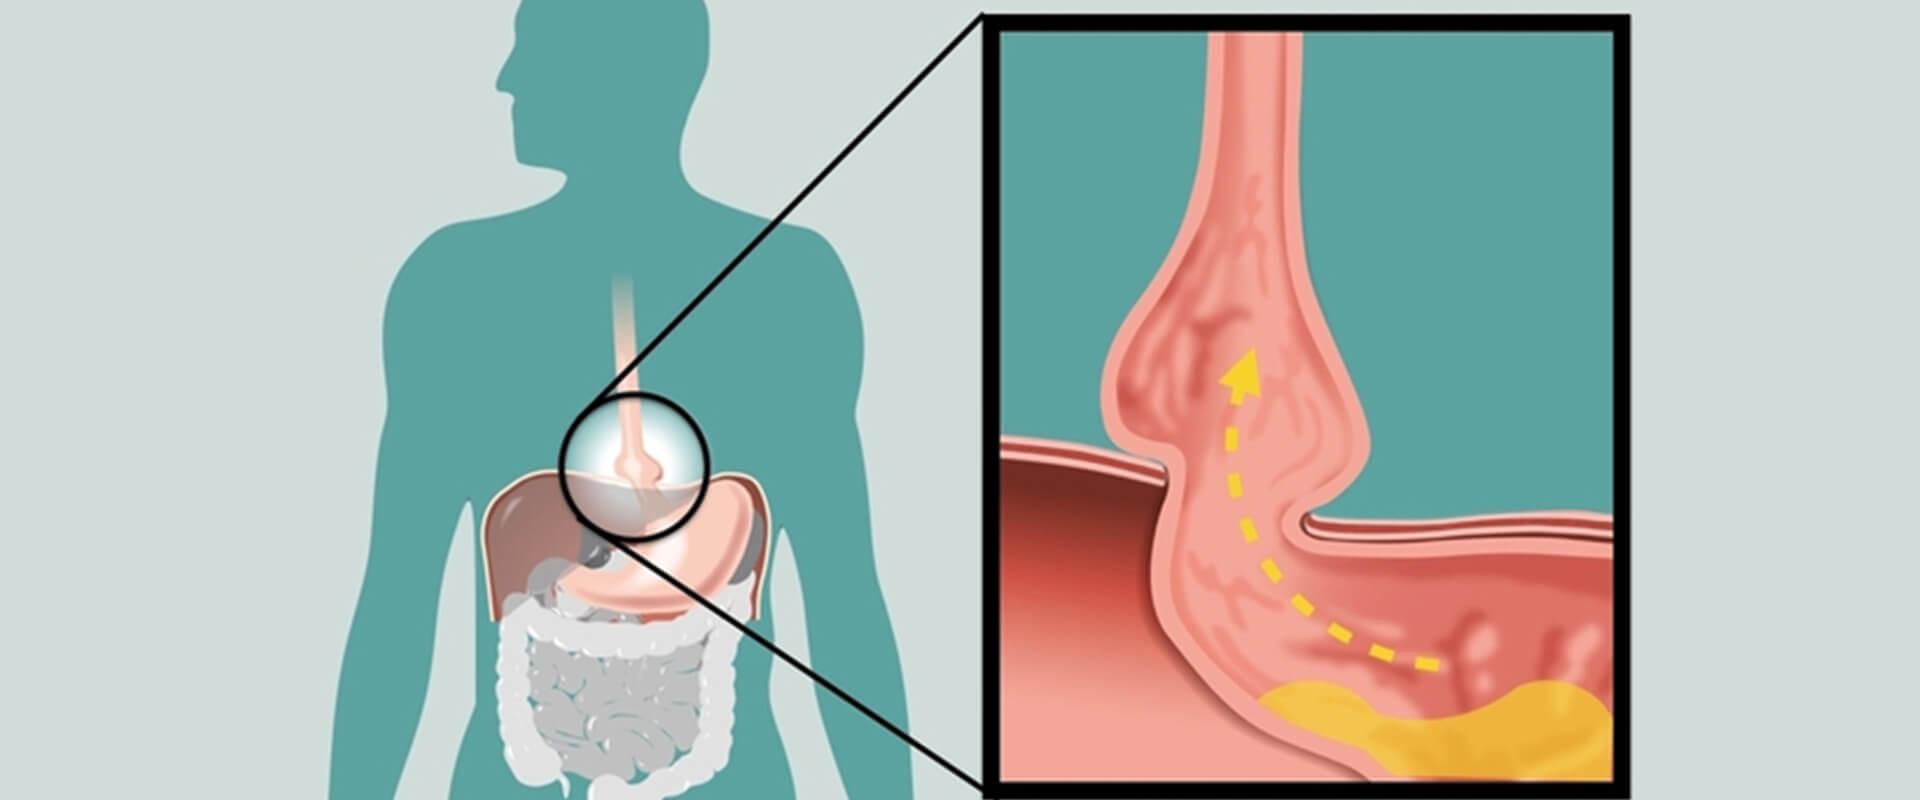 Hérnia de hiato e doença do refluxo - Dr. Valter Alvarenga